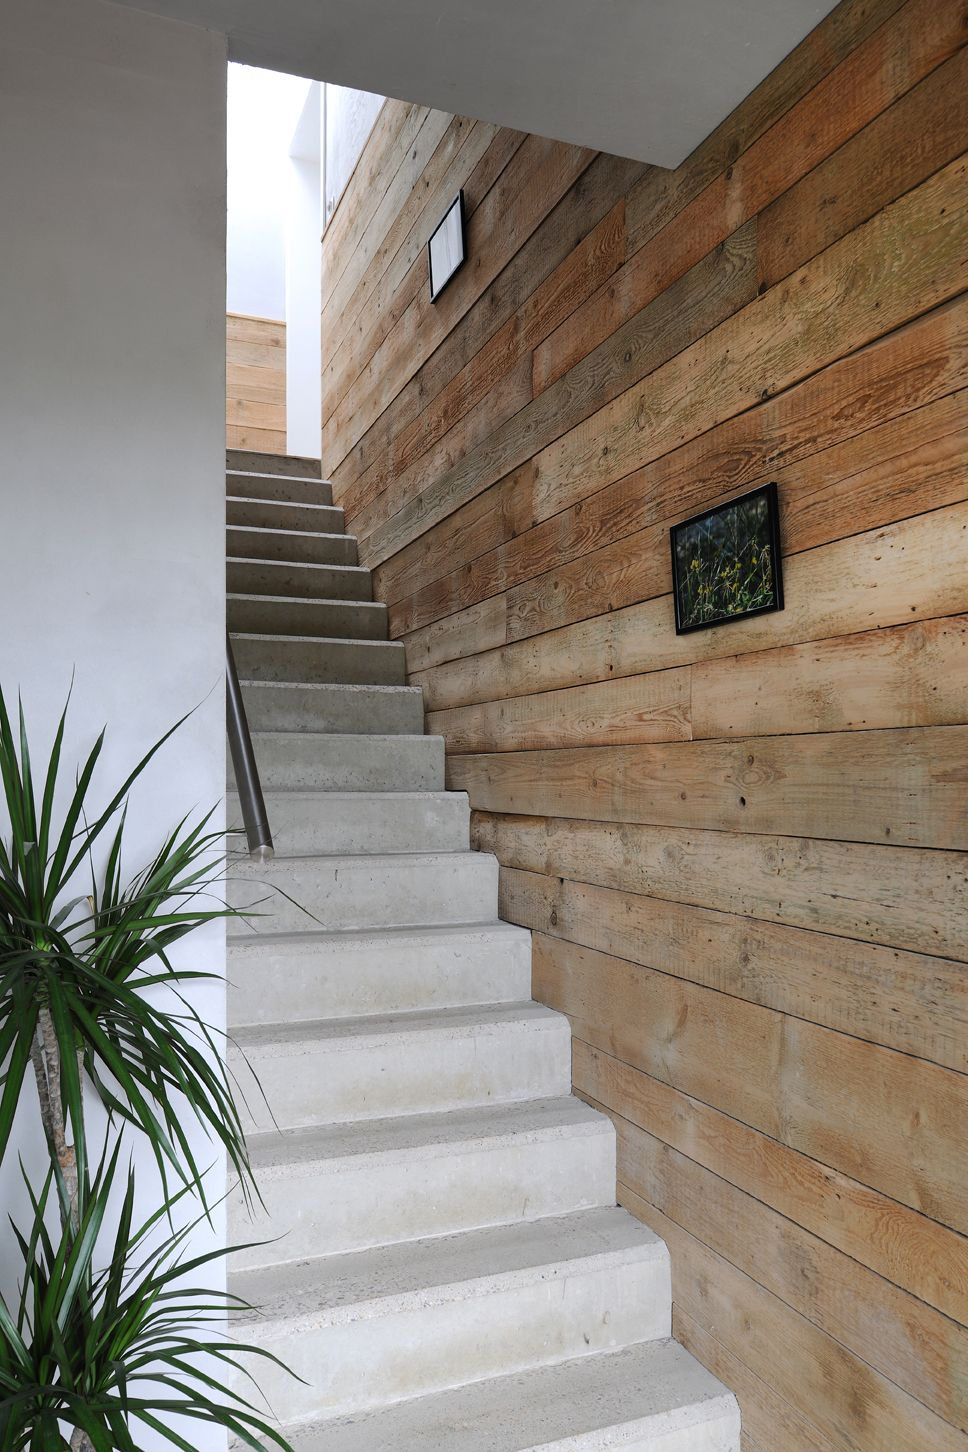 Luc spits architecture business rénovation et transformation dune maison en gîte